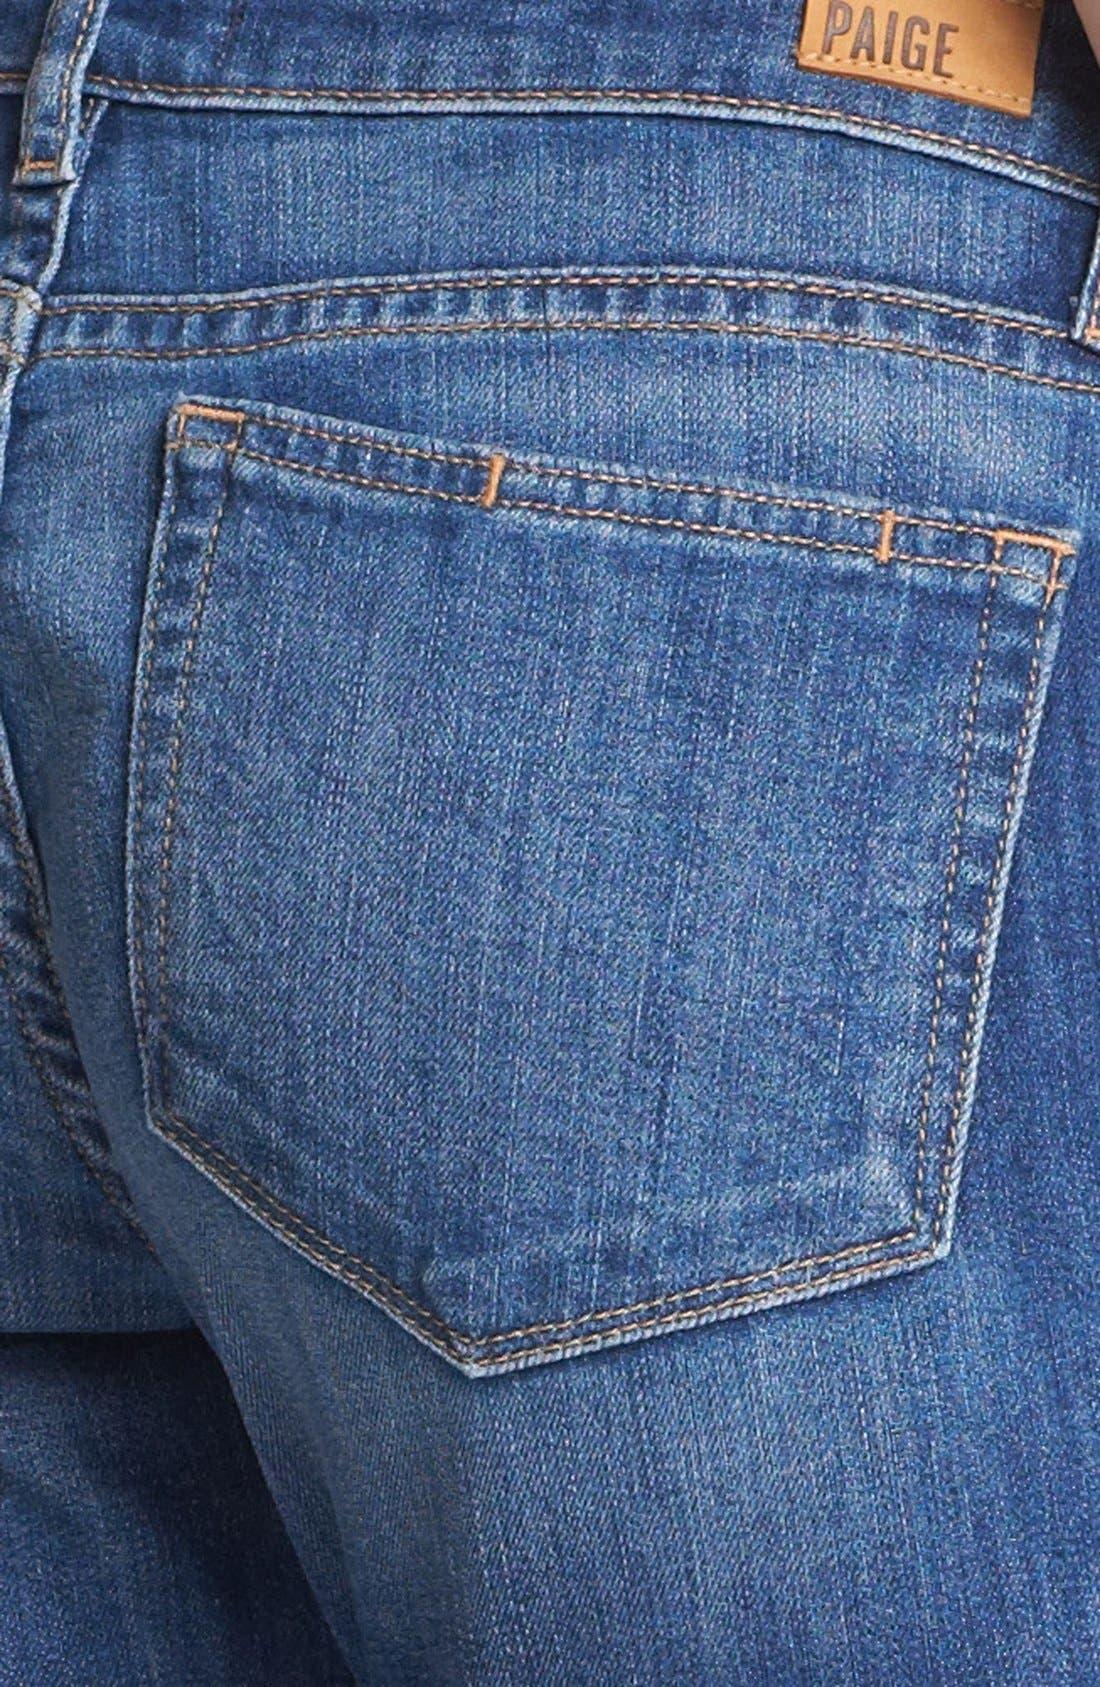 Denim 'James' Crop Jeans,                             Alternate thumbnail 3, color,